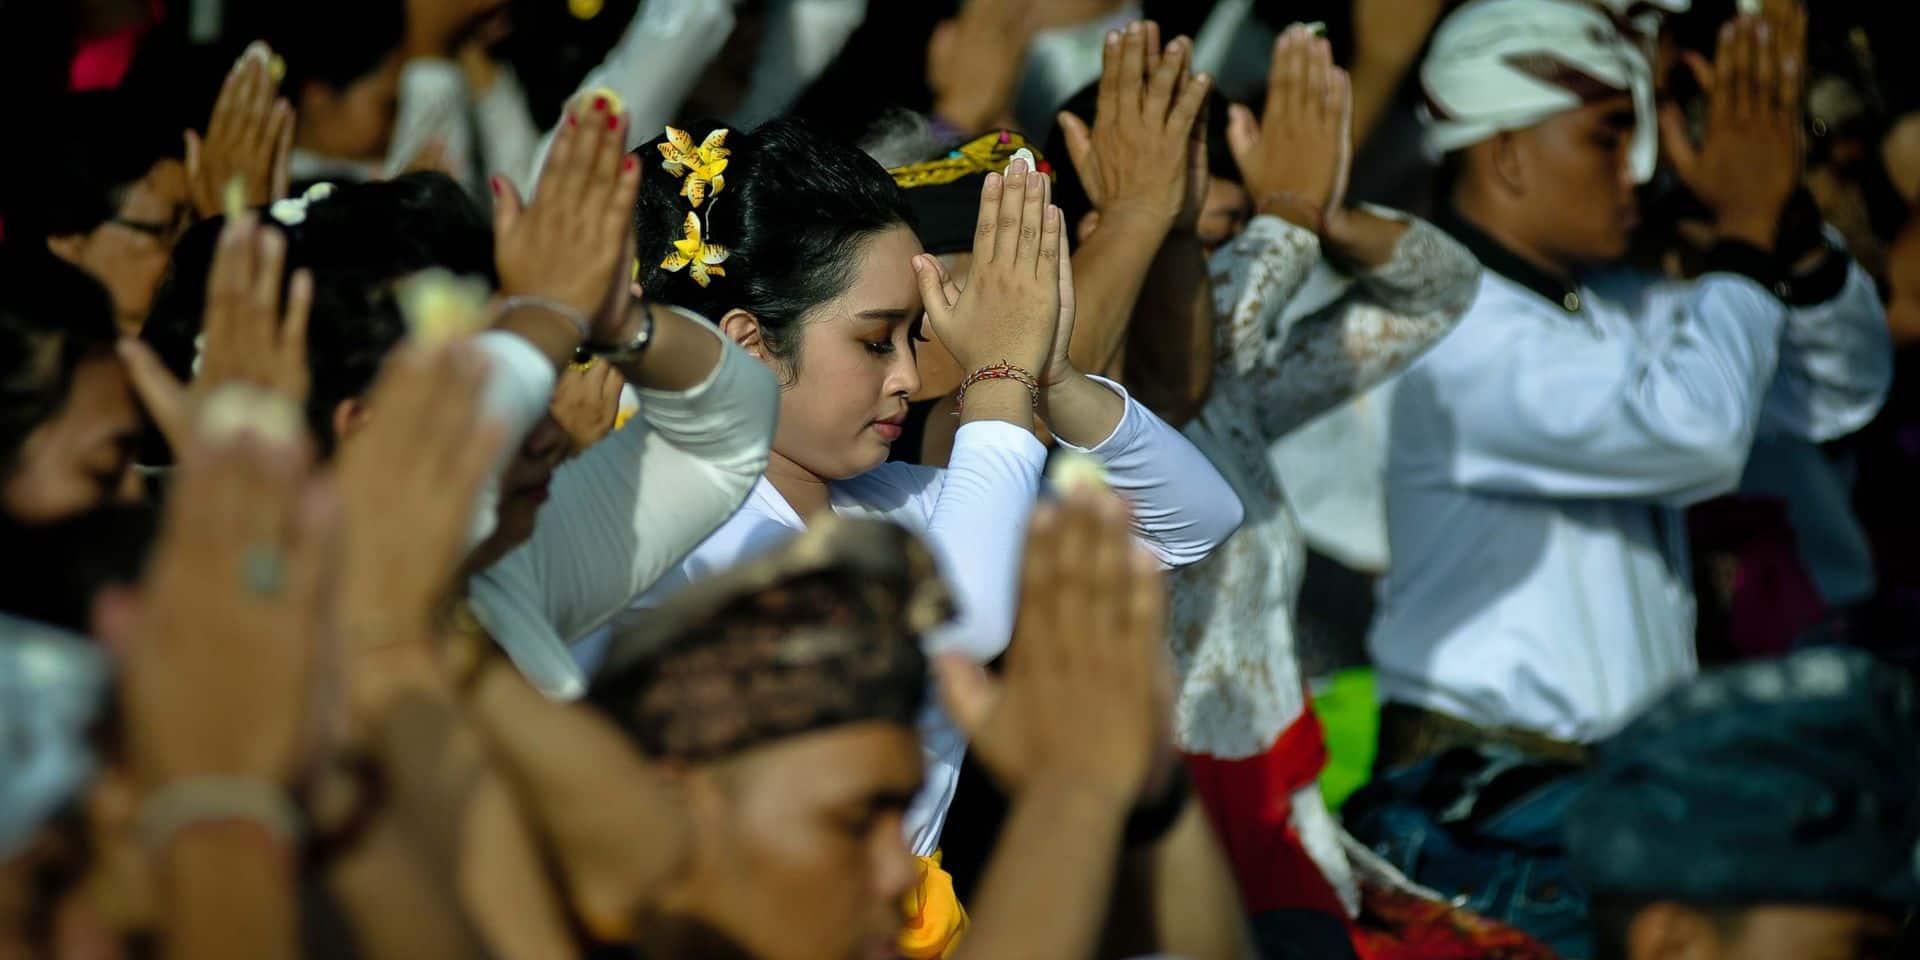 L'hindouisme espère être reconnu par l'État belge